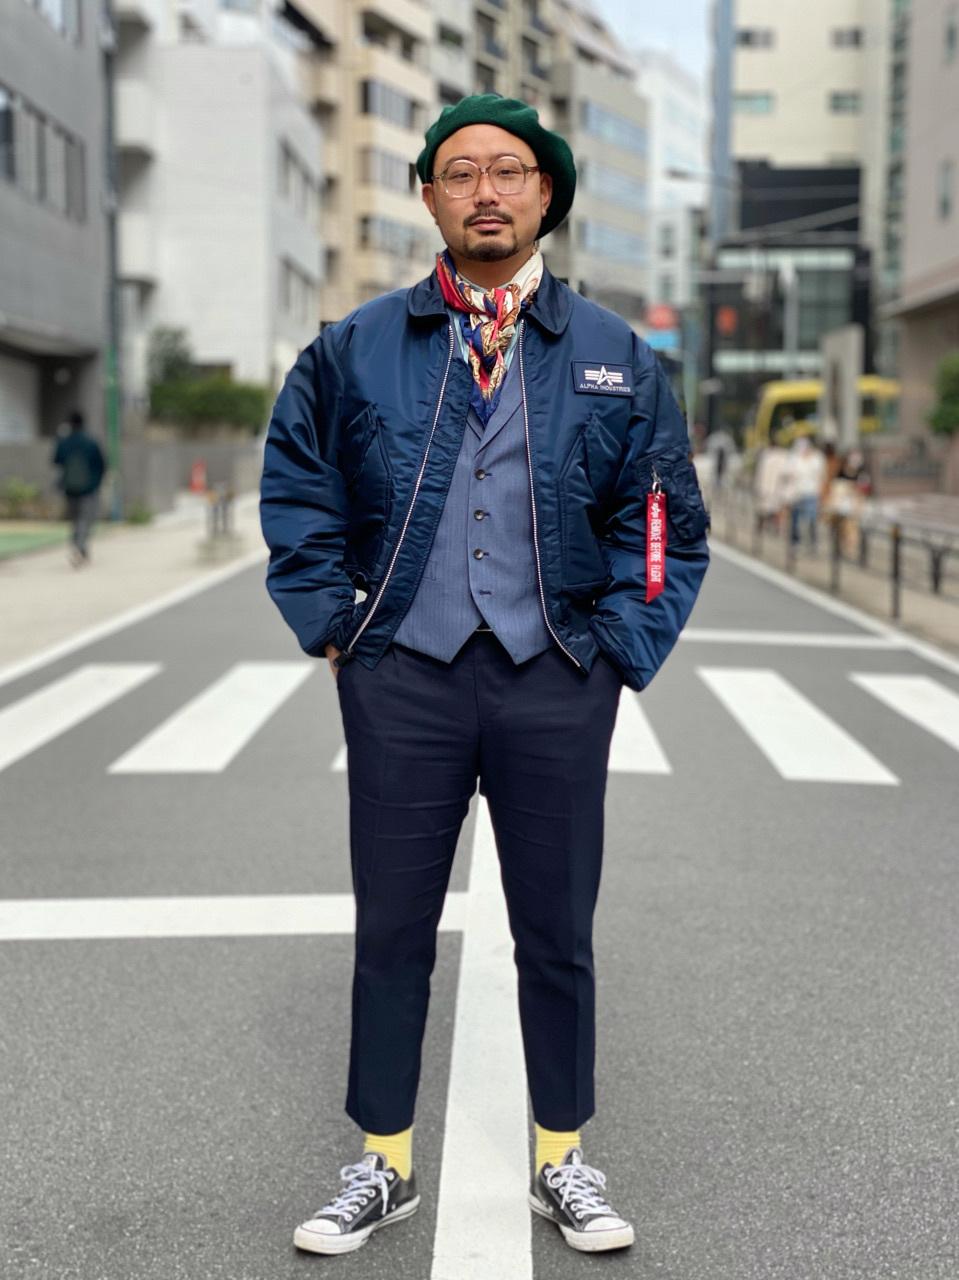 ALPHA SHOP渋谷店のKataoka.RさんのALPHAのCWU-45/P ナイロンジャケットを使ったコーディネート